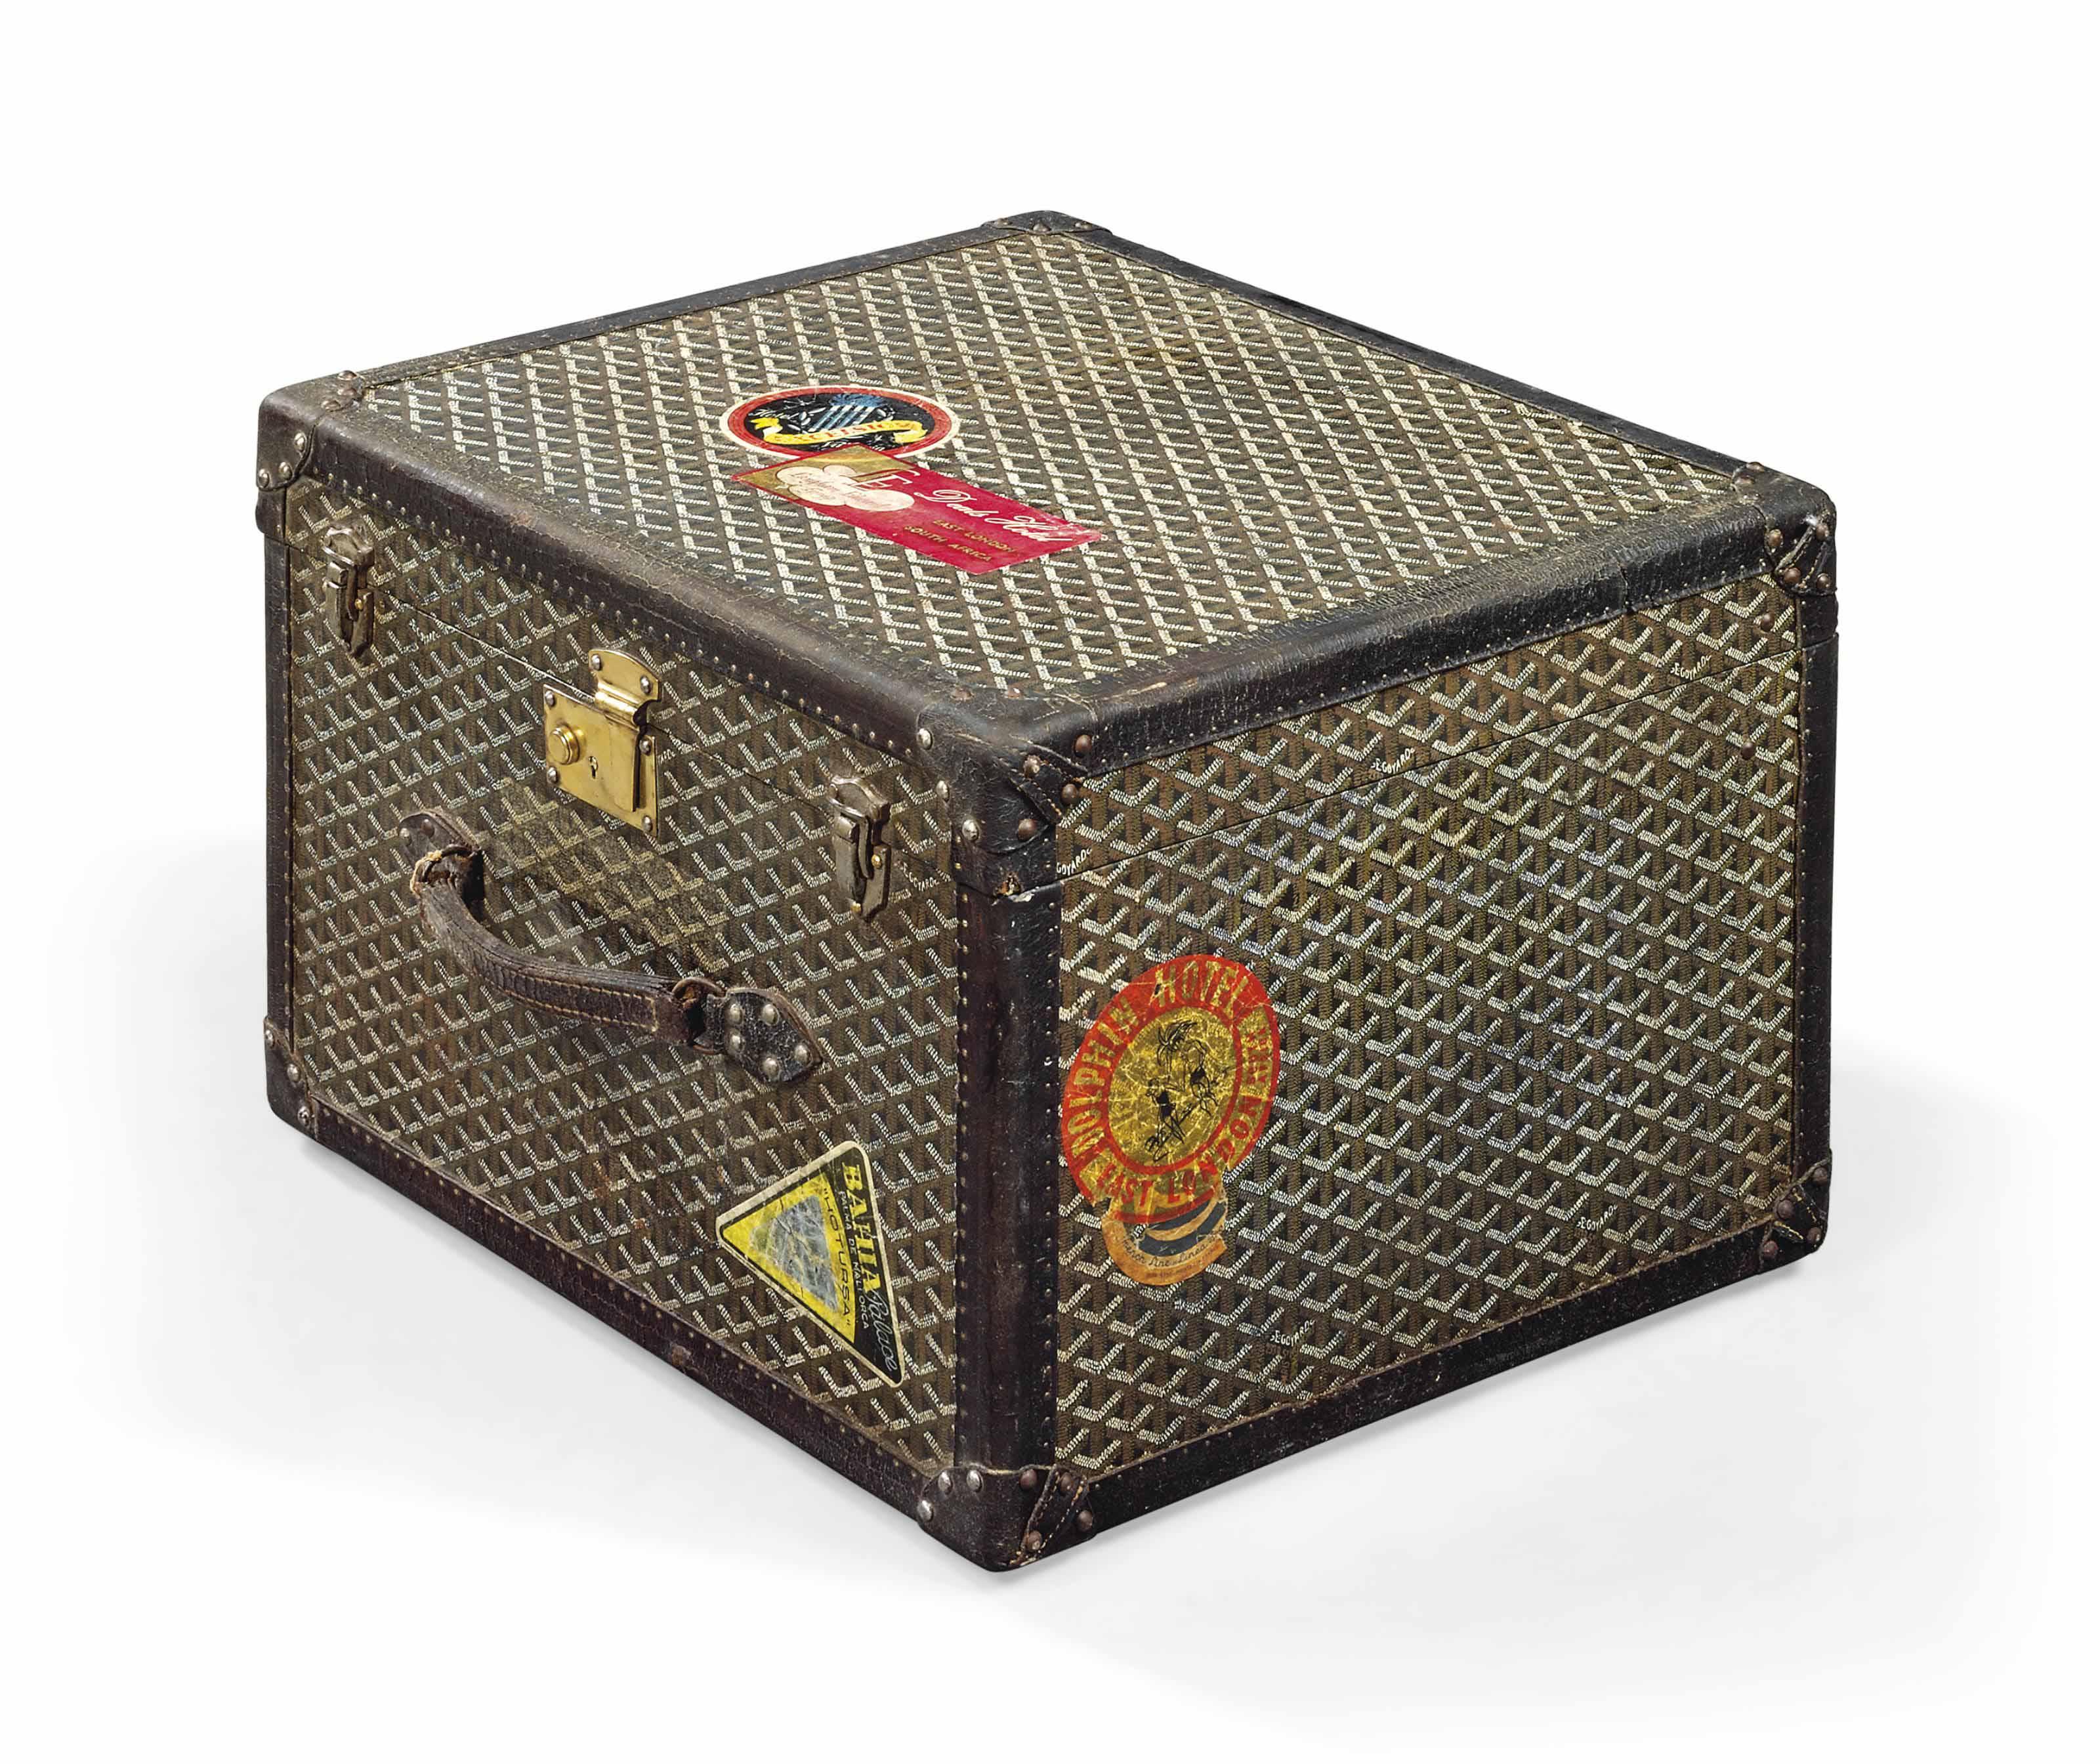 A HATBOX IN MONOGRAM CANVAS